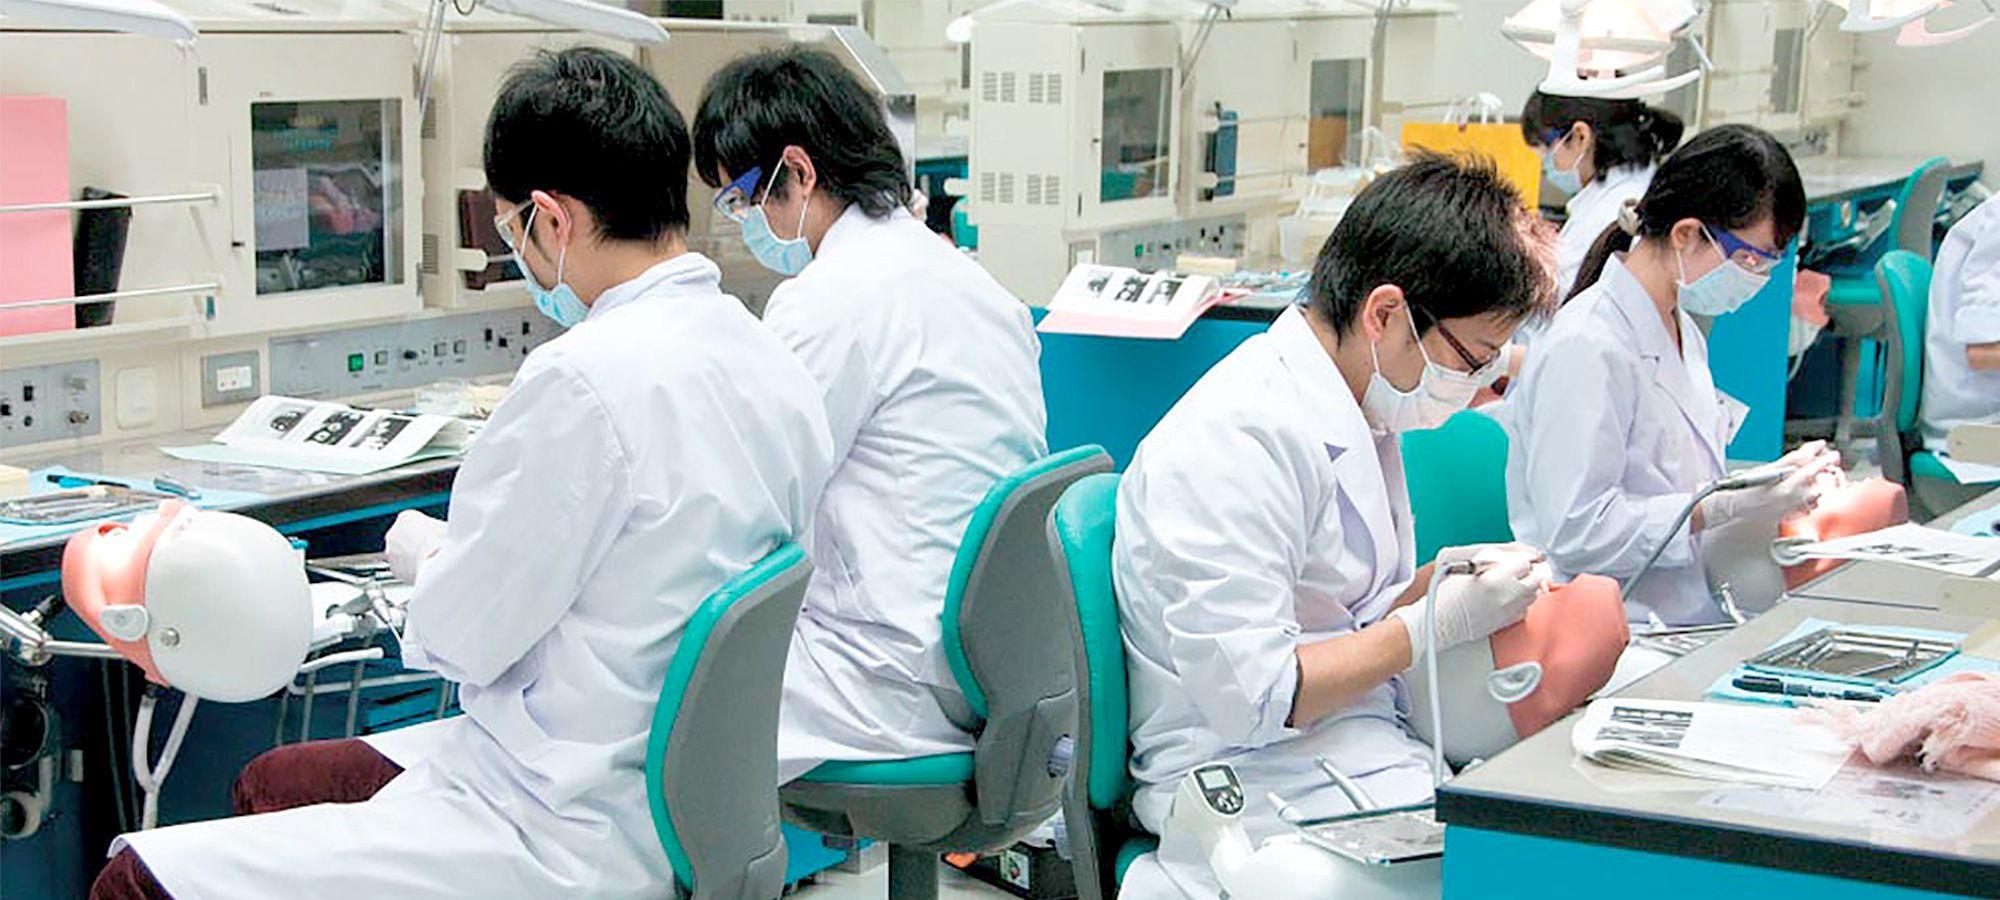 歯科医療の新時代をリードする日本歯科大学